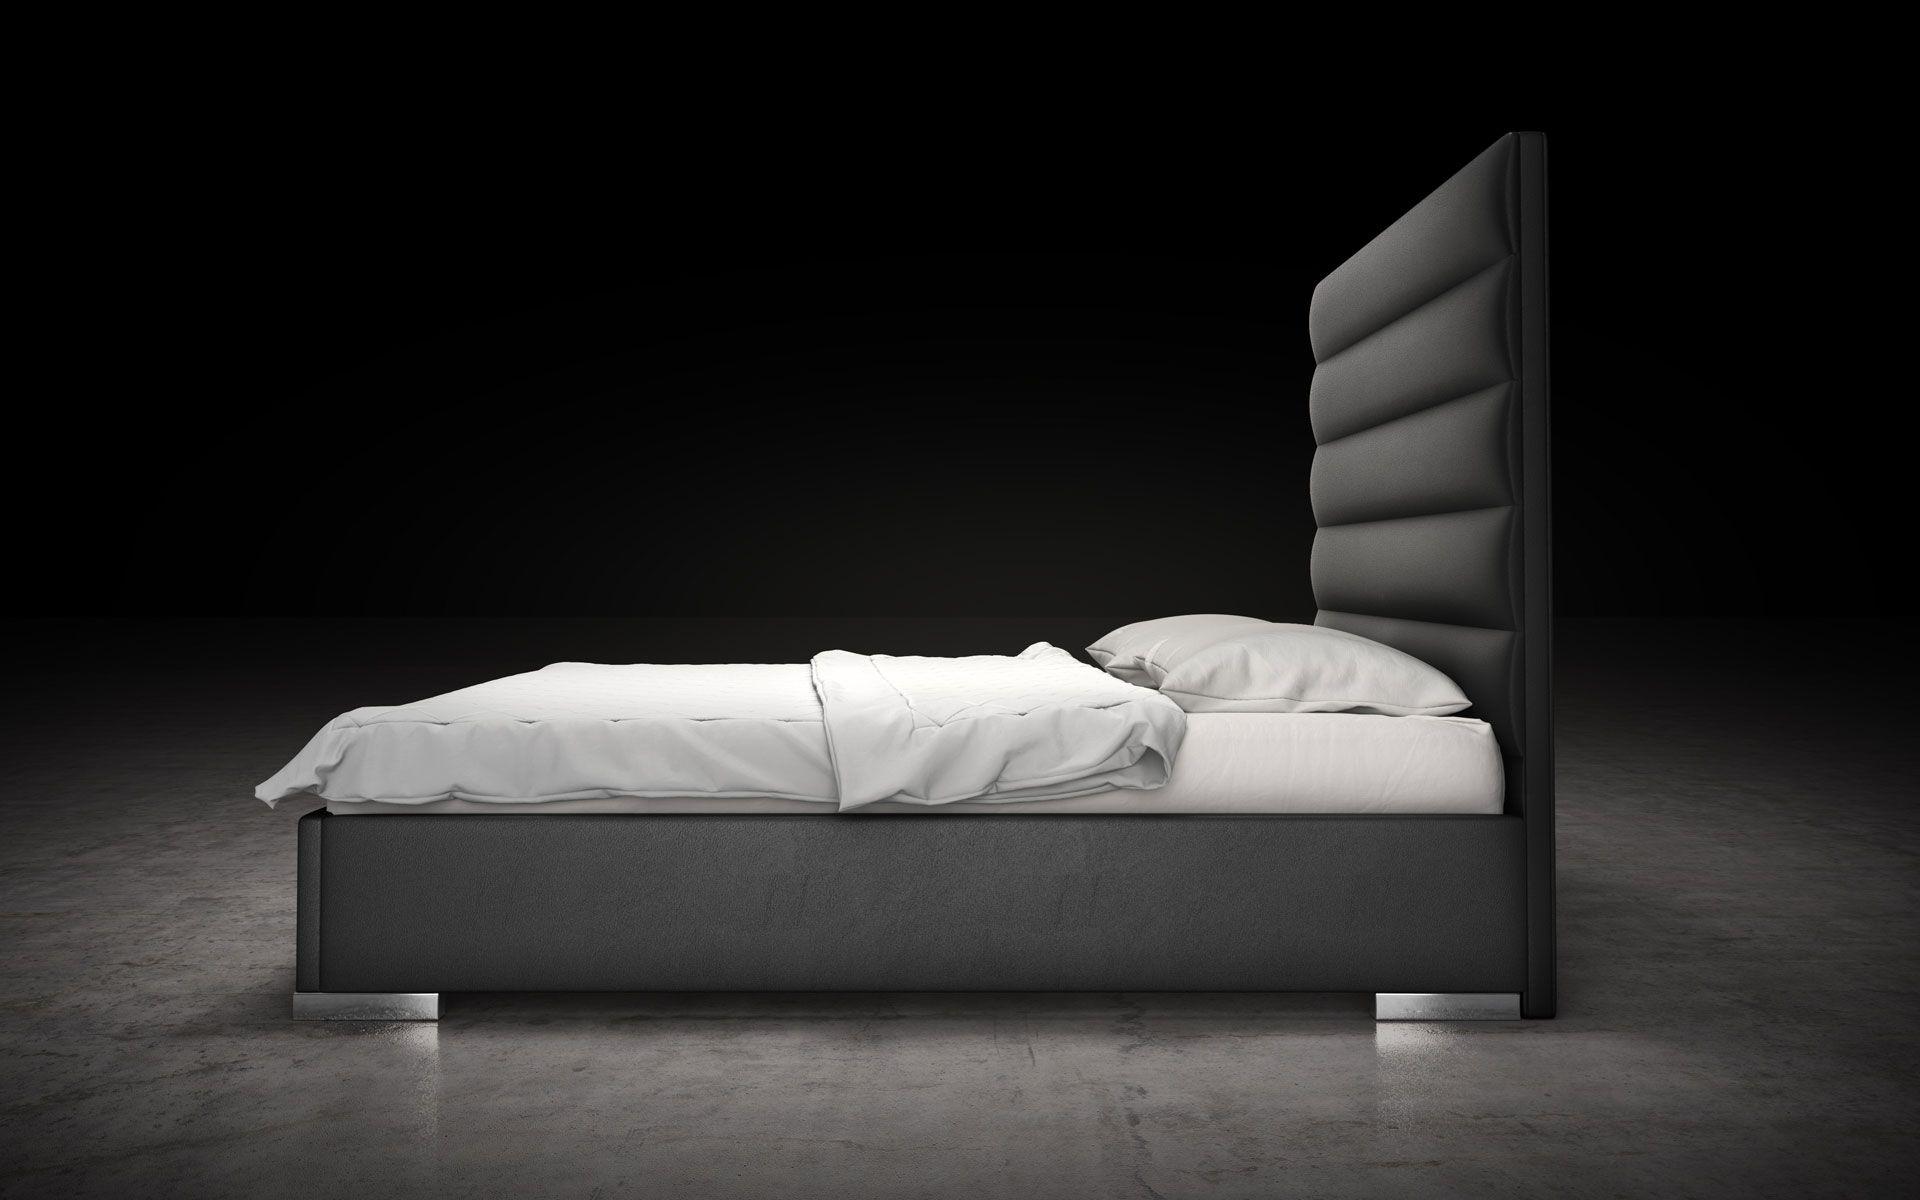 Weiß Full Size Bett Rahmen Möbel Filialen In Ponte Vedra